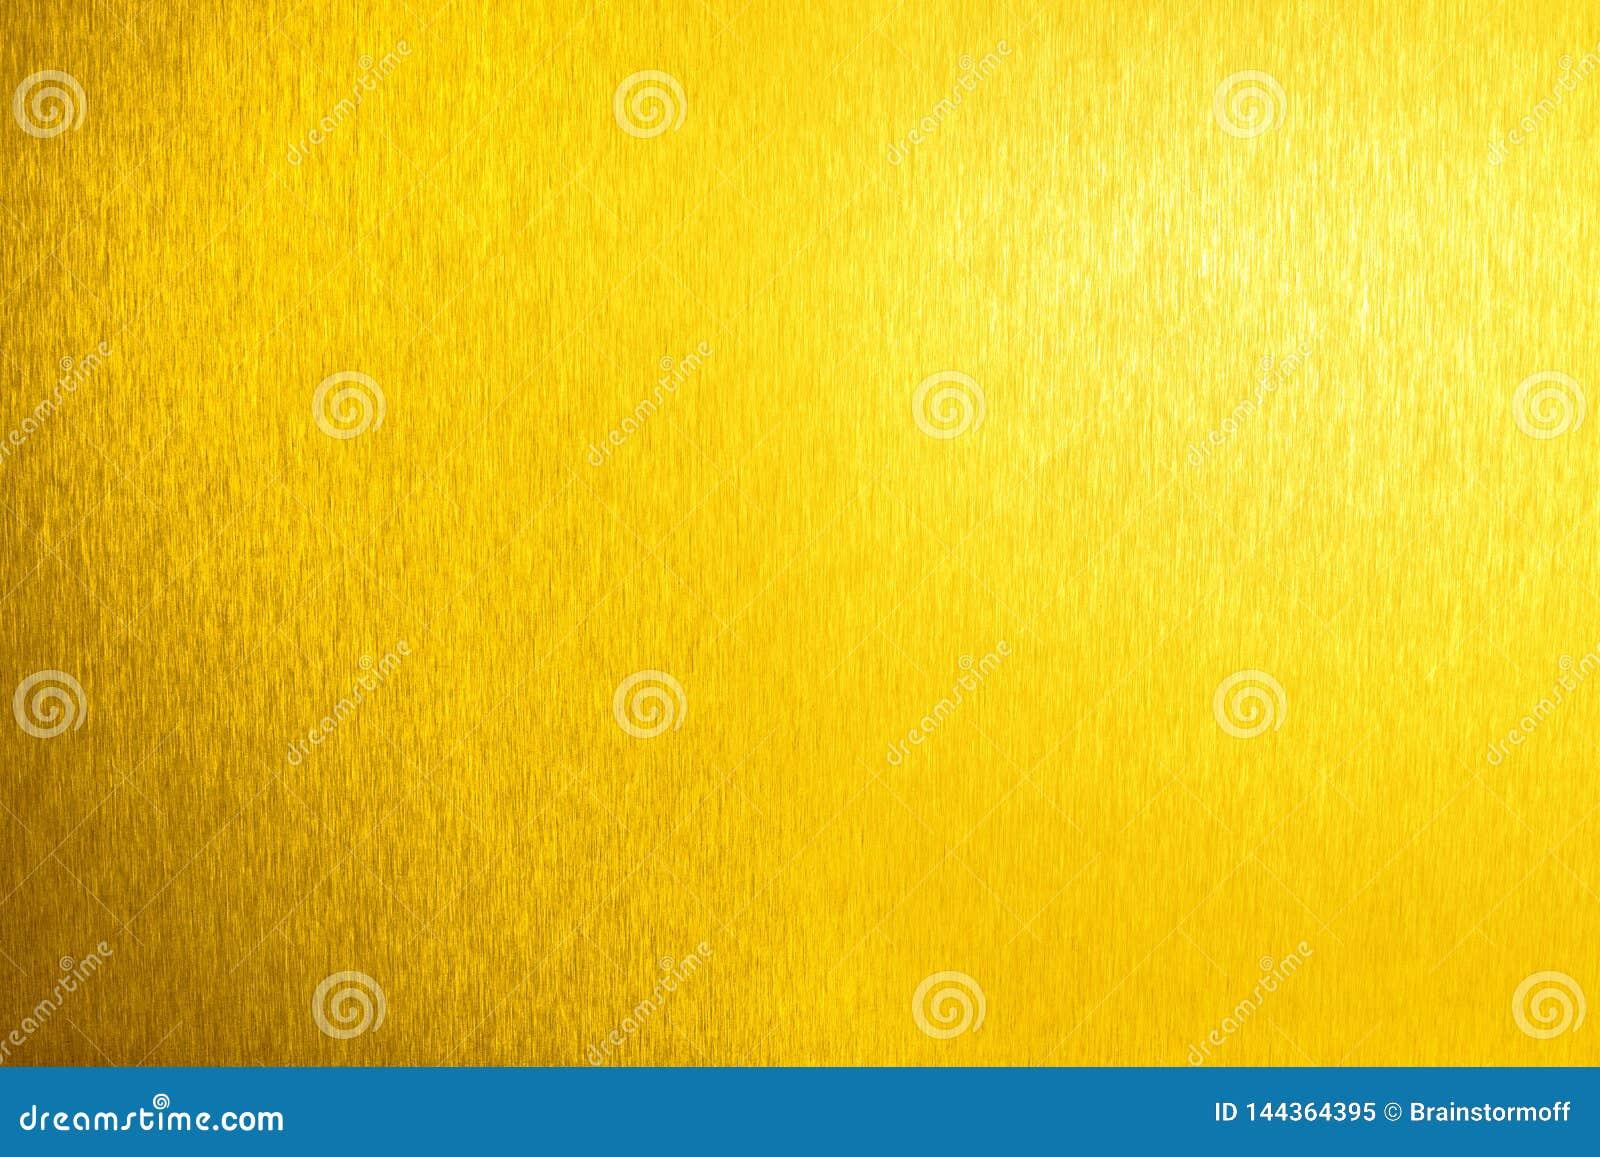 Gouden metaal glanzende lege oppervlakte, gele glanzende metaalachtergrond, gouden bladachtergrond dicht omhoog, decoratieve het